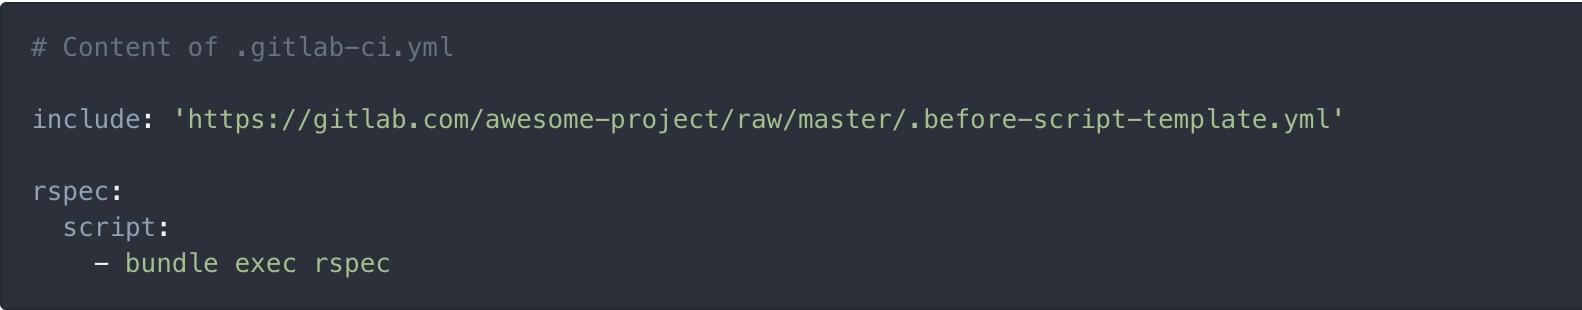 Новый выпуск GitLab 11.4 с рецензированием запросов слияния и флажками функций - 8